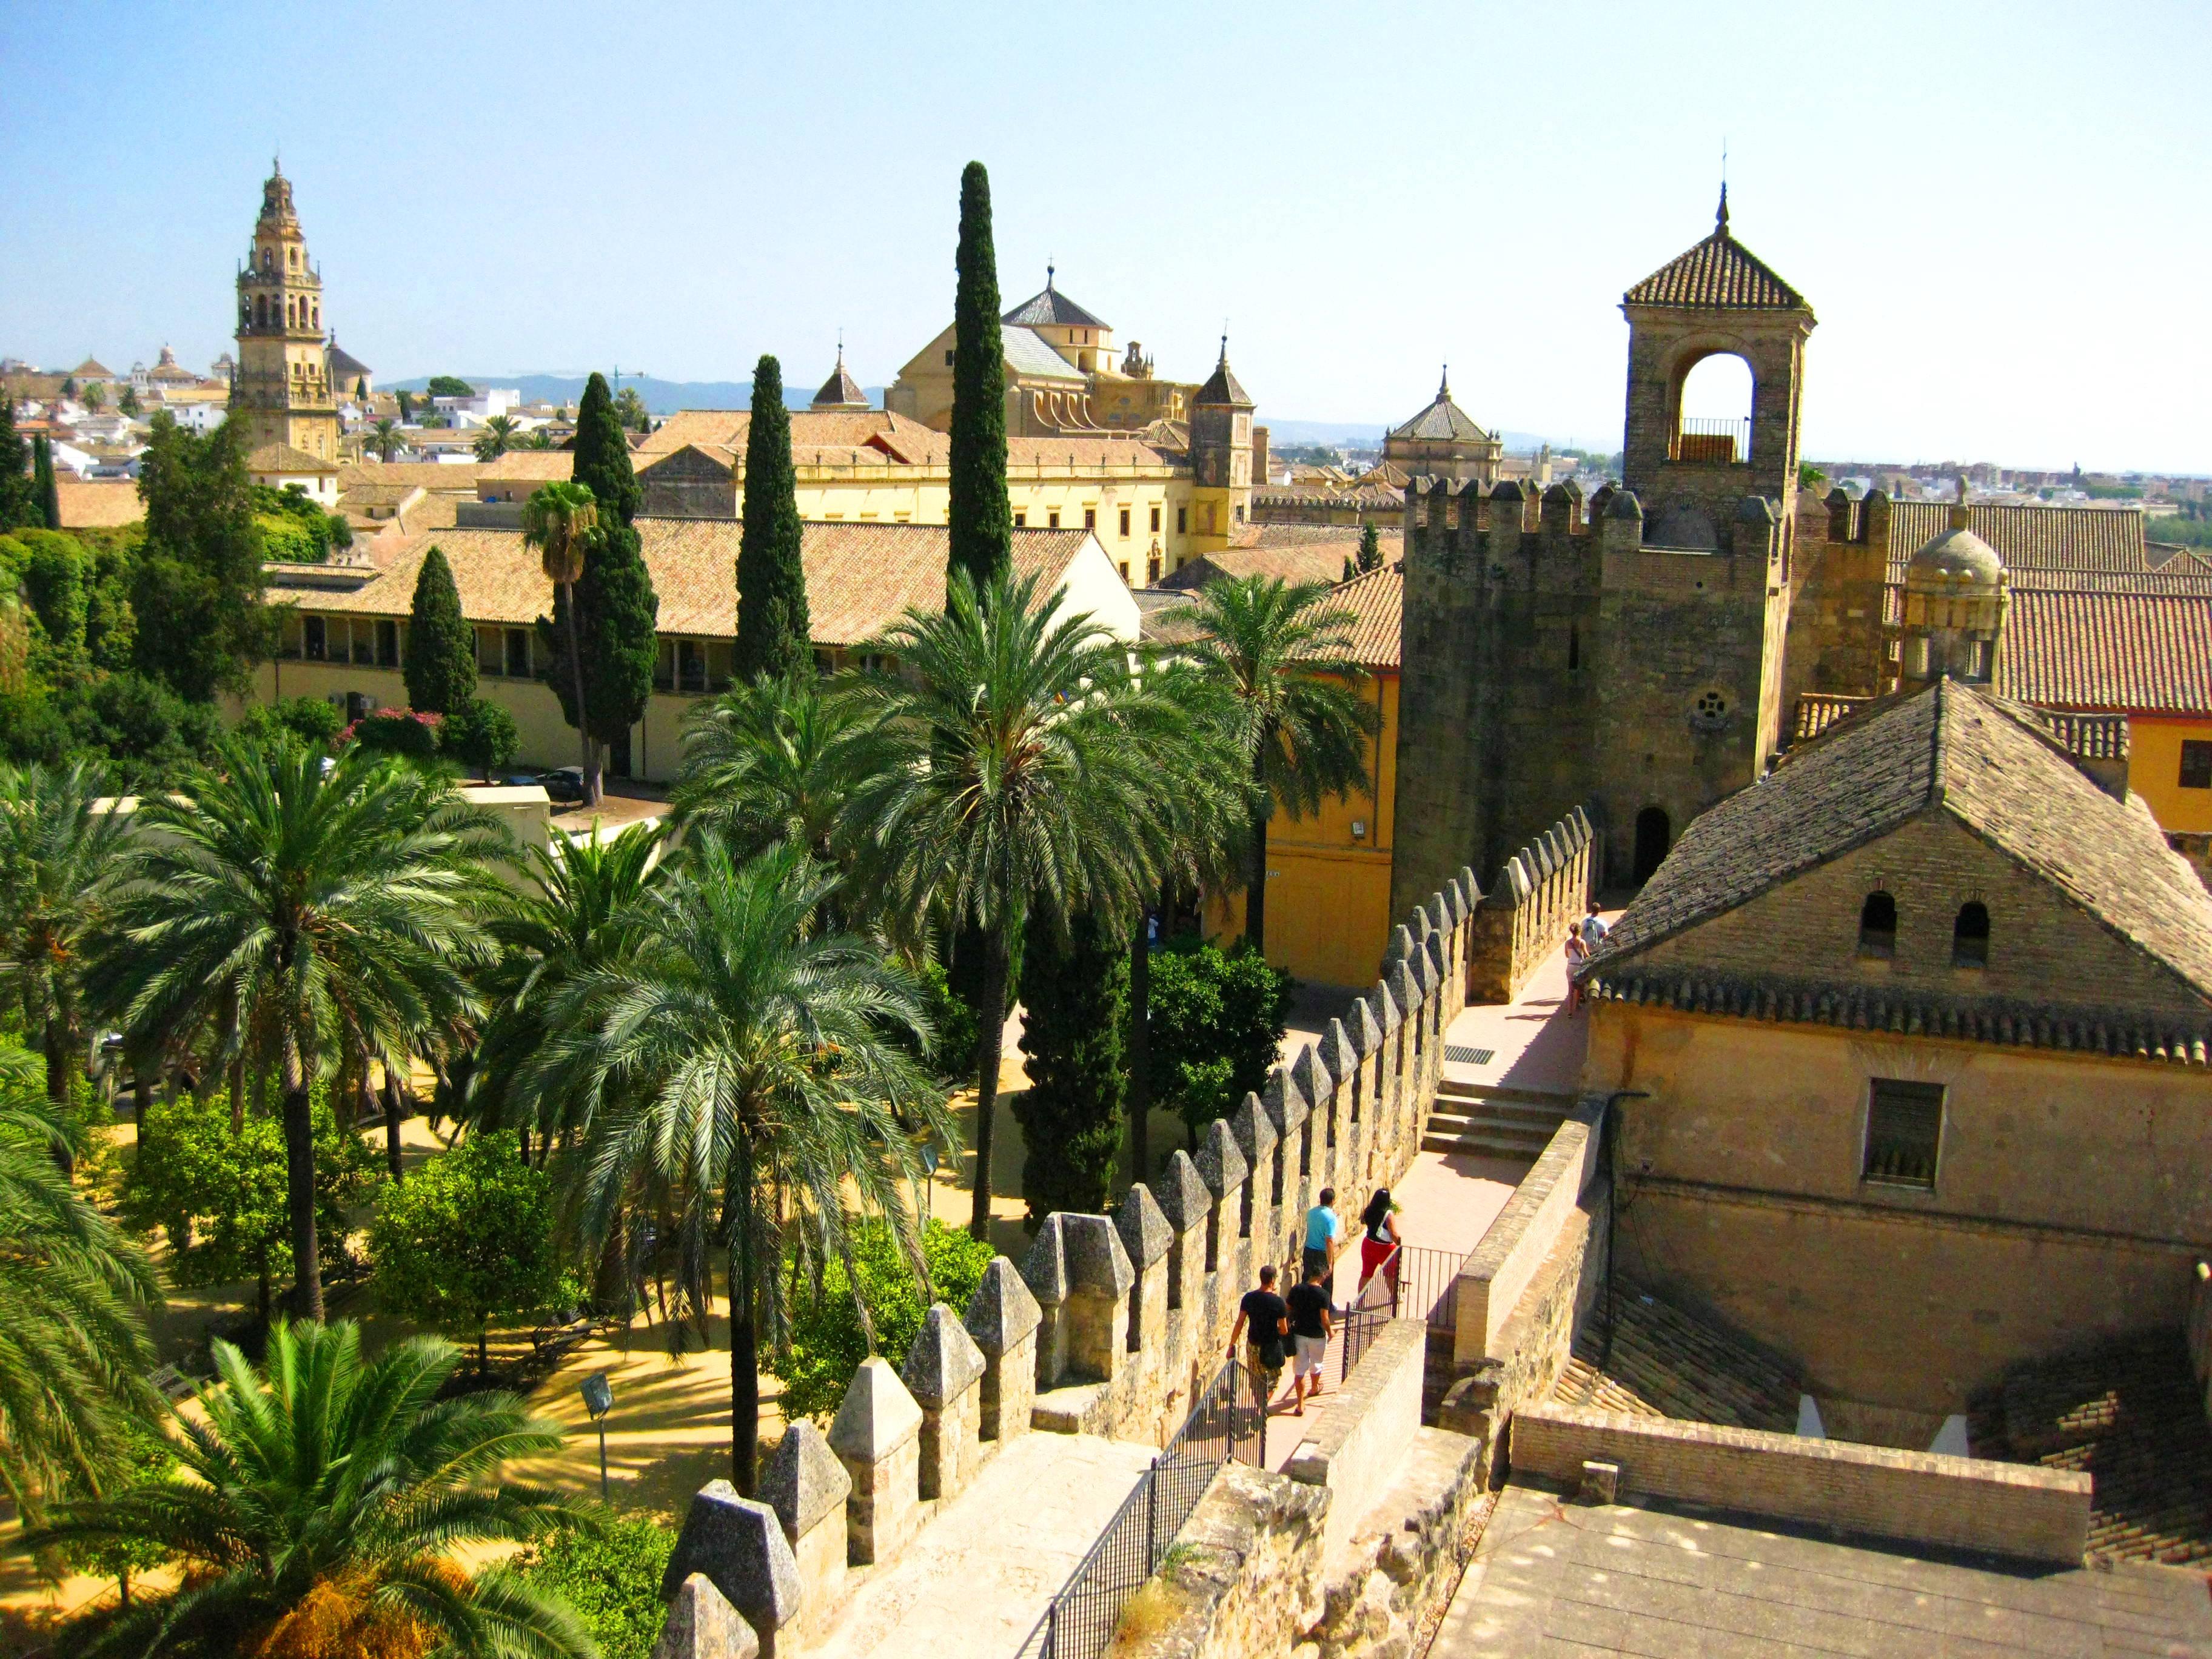 Séville et les patios de Cordoue 3 jours / 2 nuits